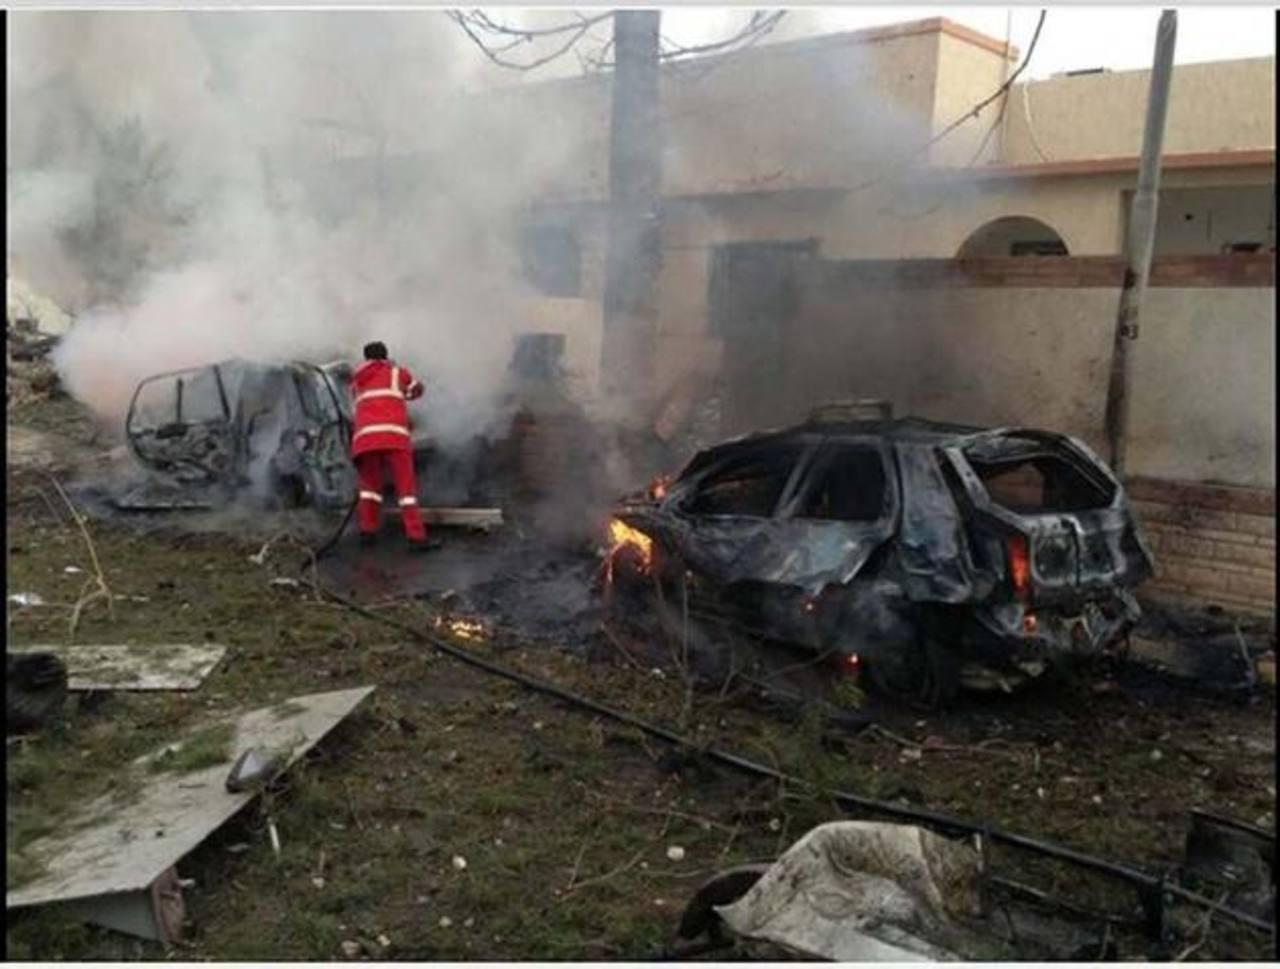 La sede diplomática francesa sufrió ayer un atentado que hirió a dos guardias en el primer acto de este tipo en Trípoli desde el final de la guerra que en 2011 derrocó a Muamar Gadafi. foto edh